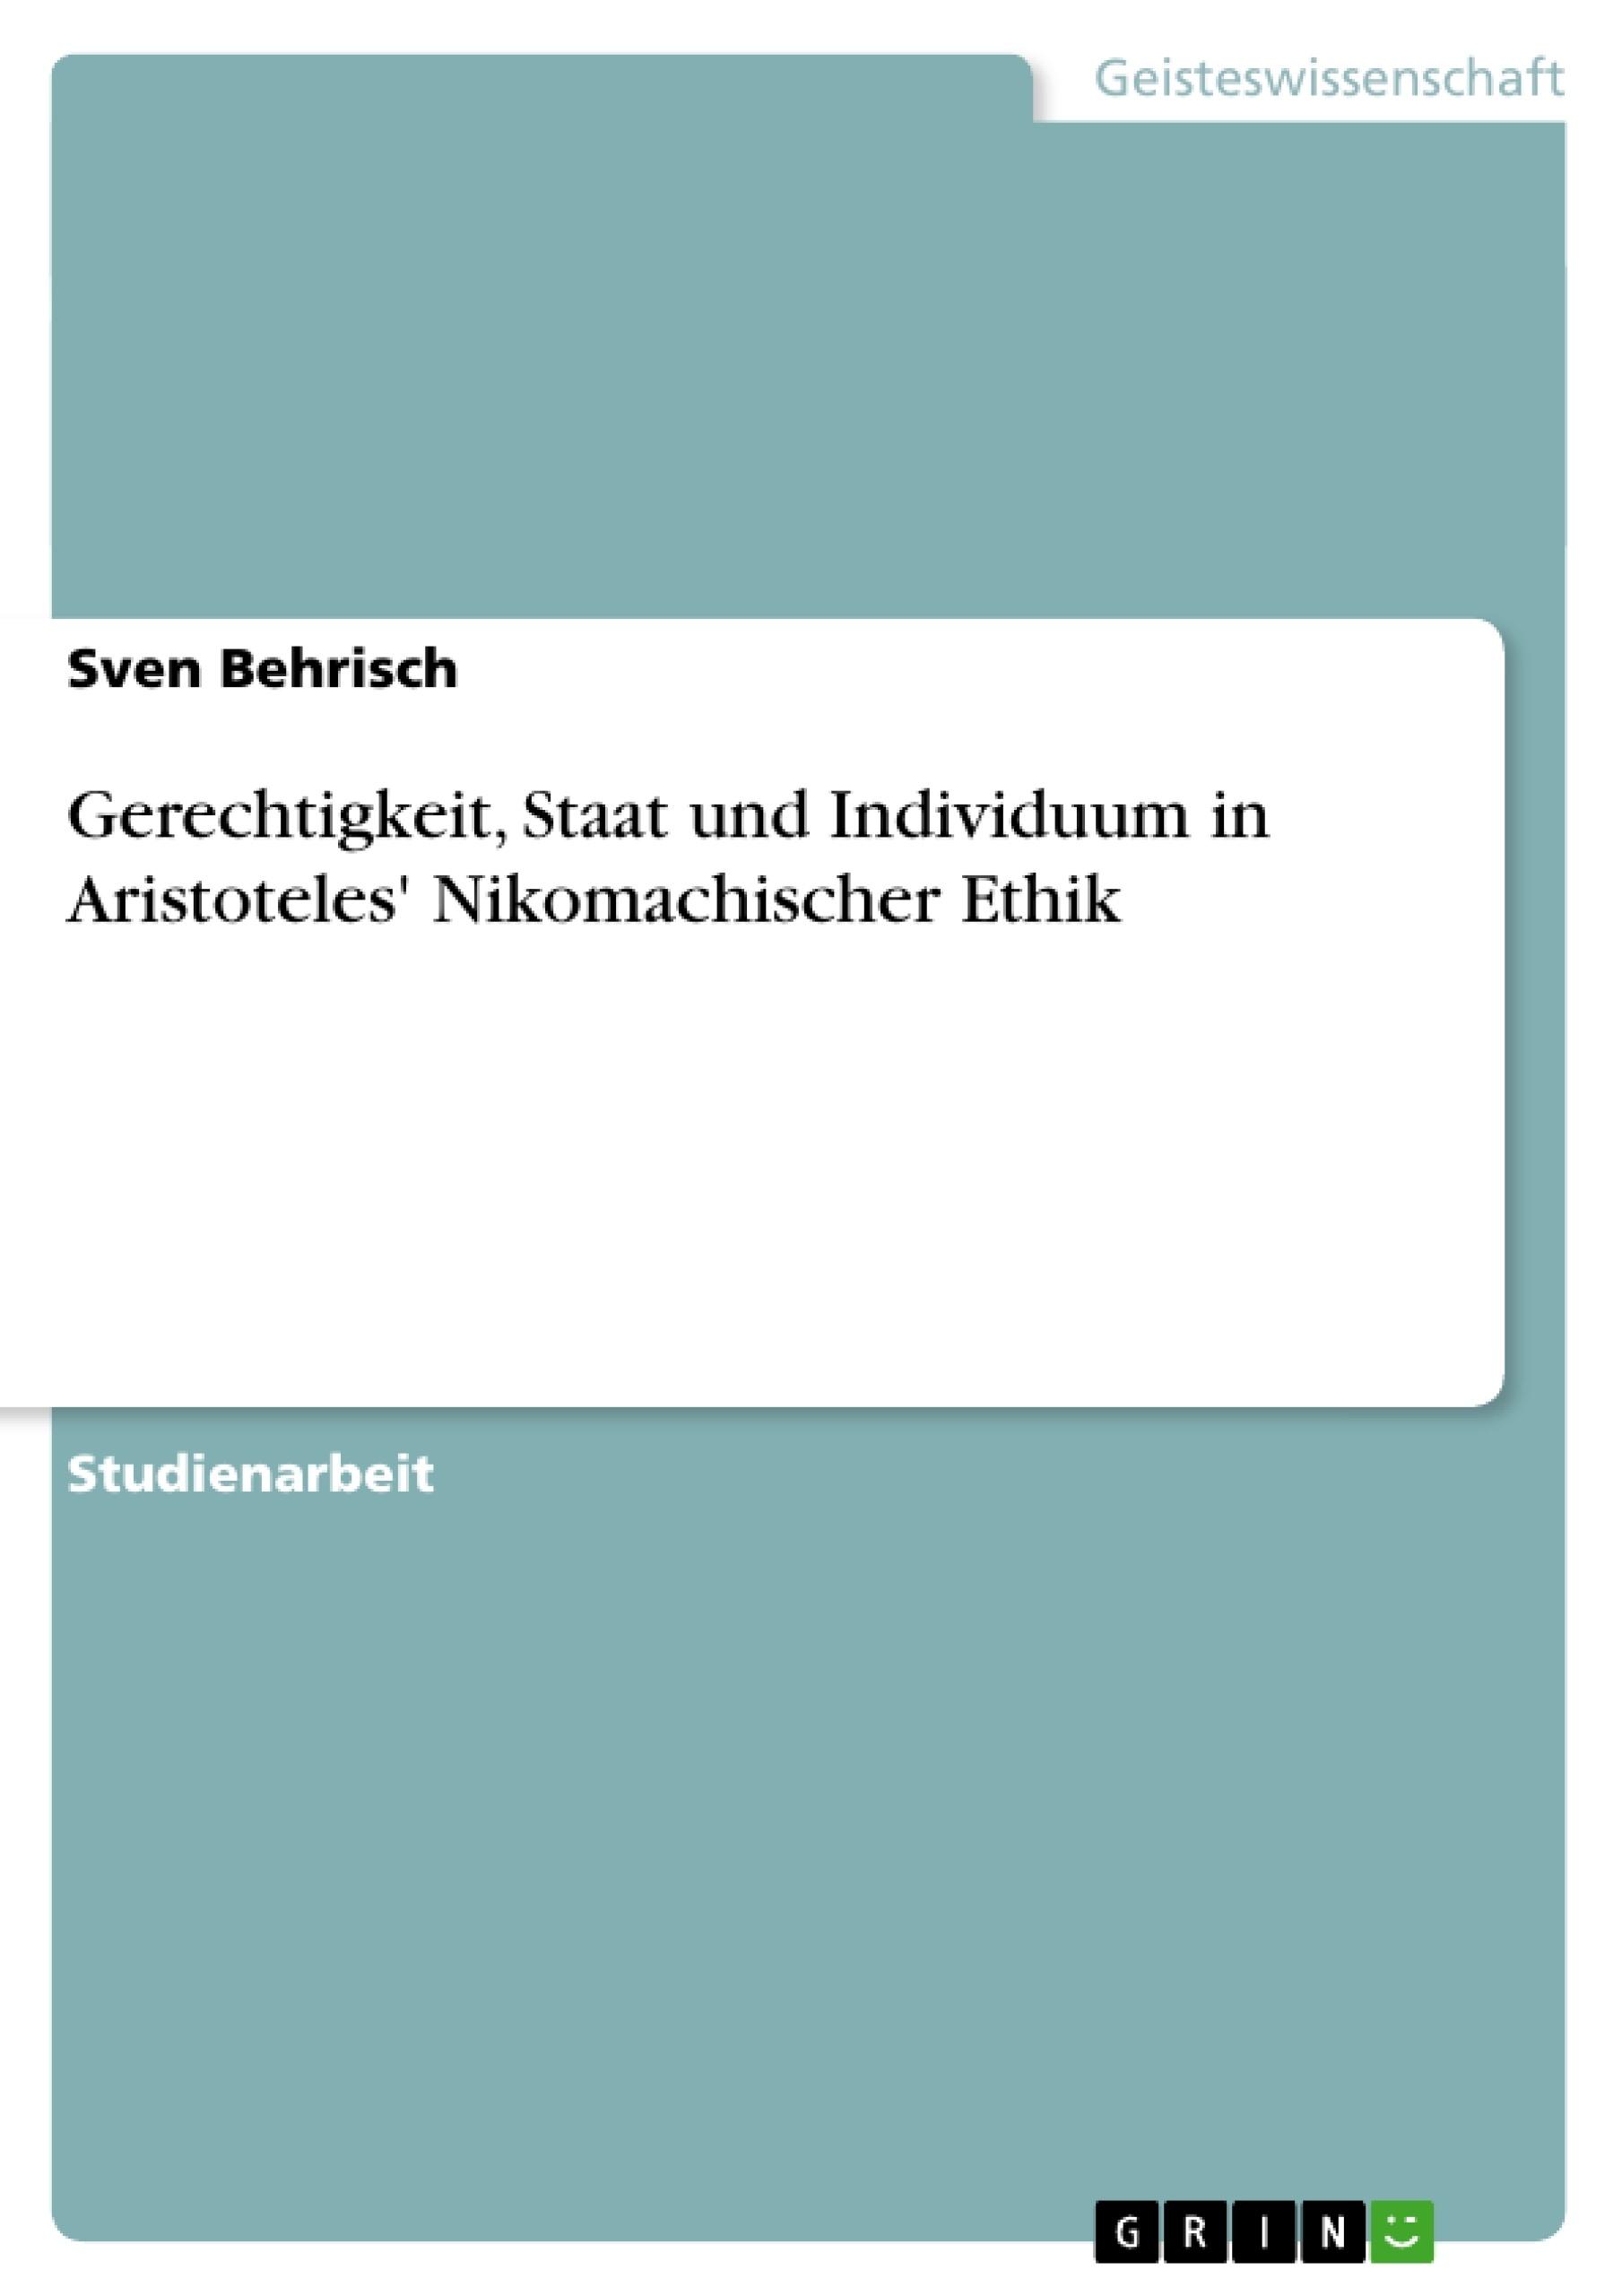 Titel: Gerechtigkeit, Staat und Individuum in Aristoteles' Nikomachischer Ethik